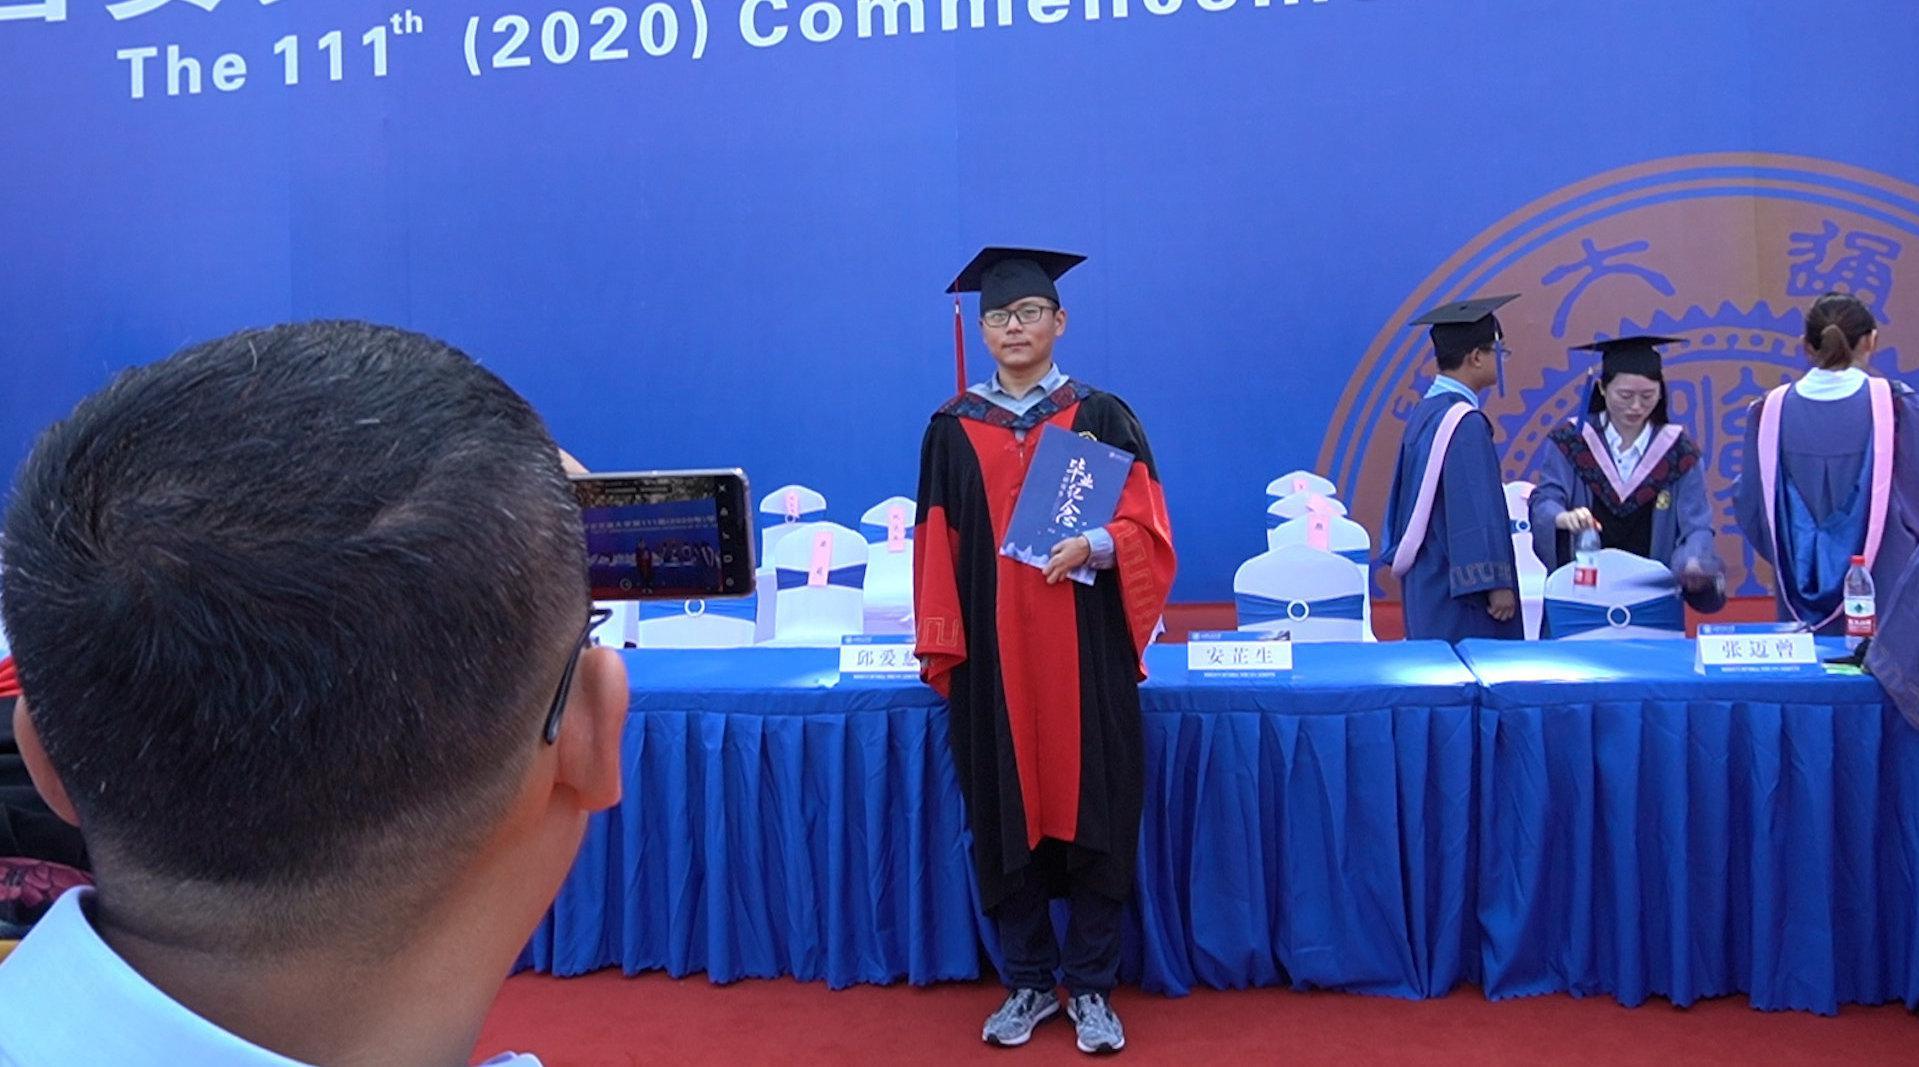 西安交大毕业典礼独臂博士引人注目:曾多次面试被拒……